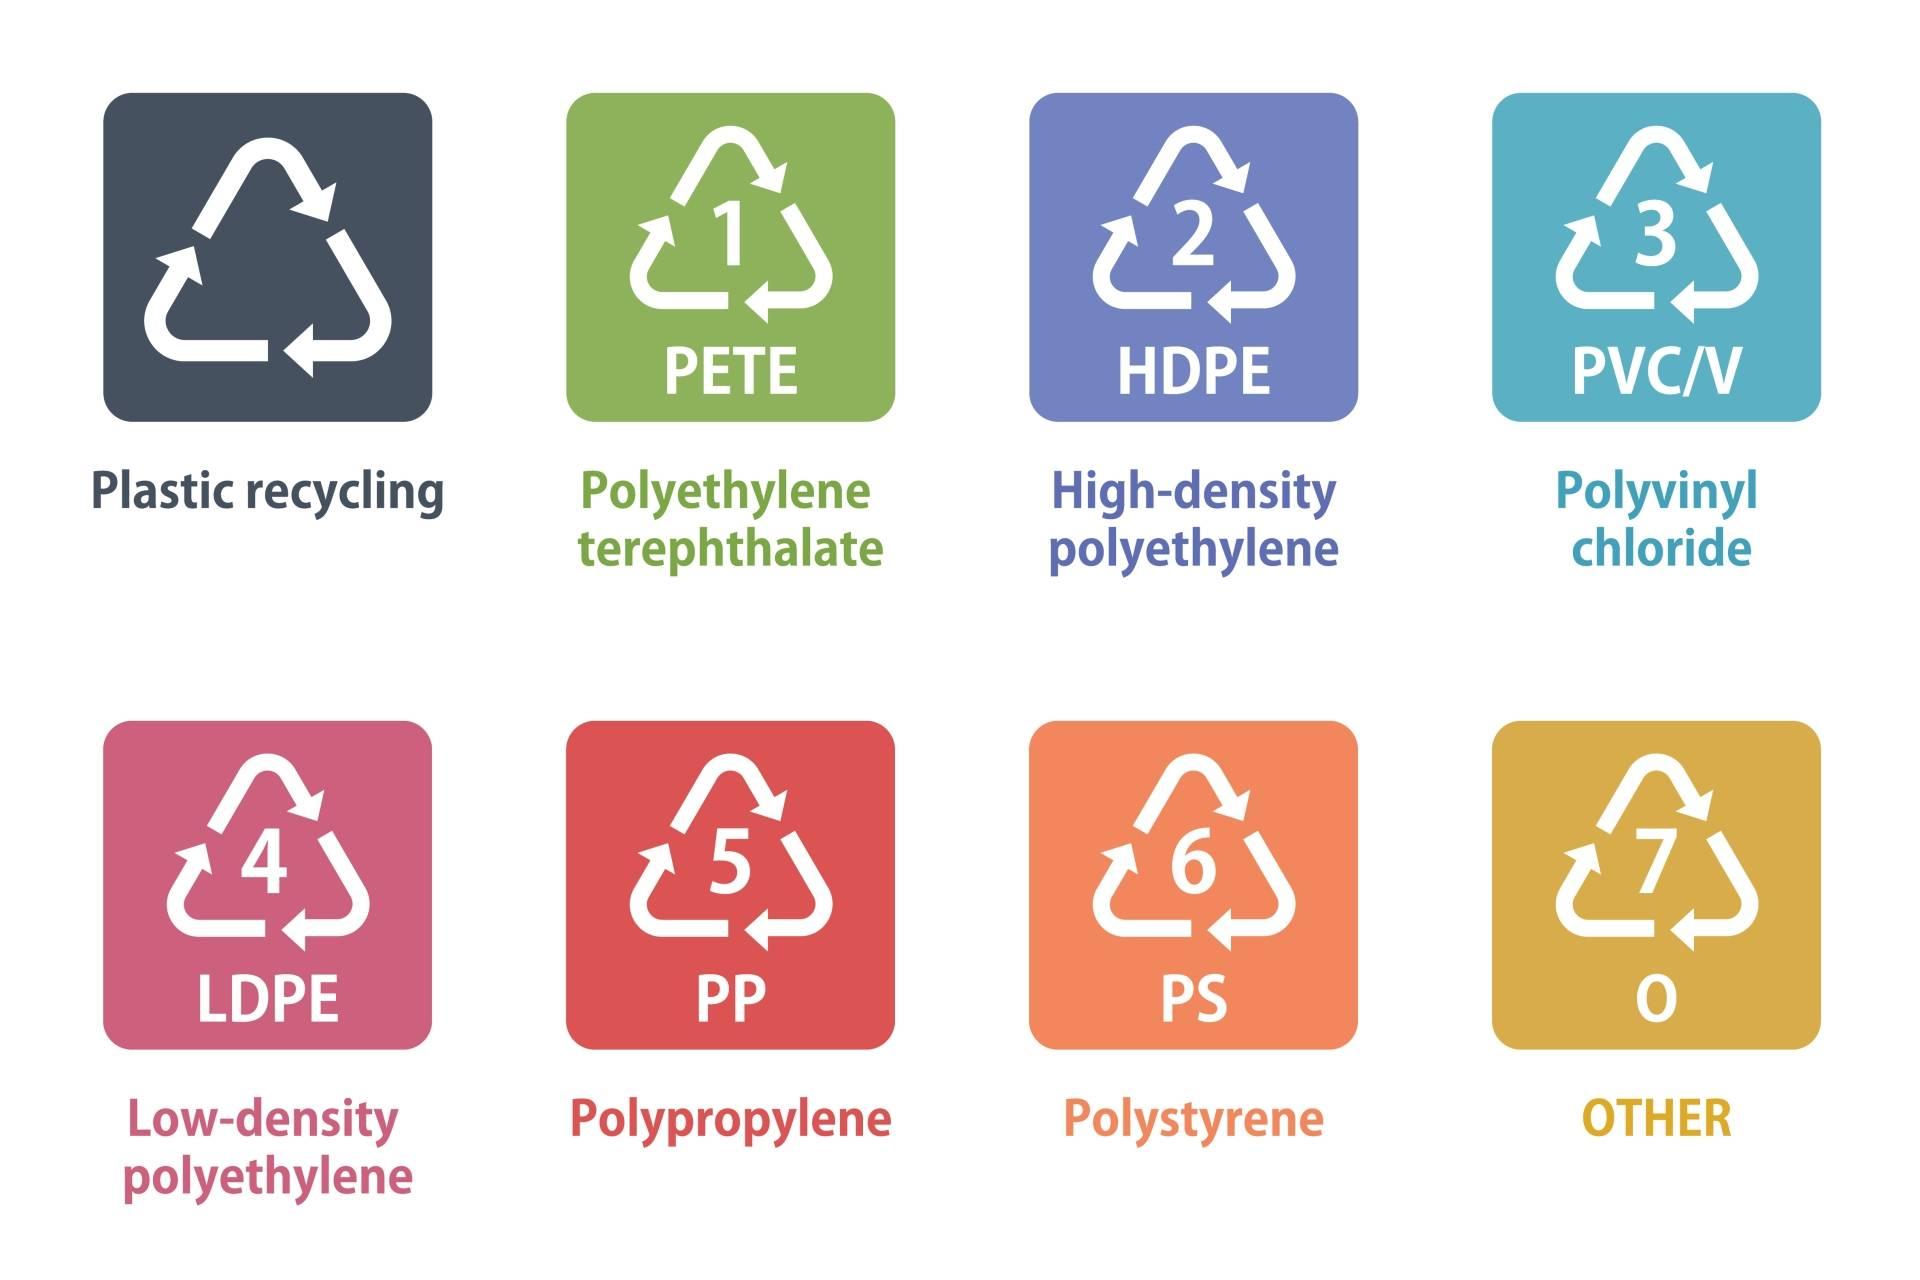 Znaki na opakowaniach - jak czytać oznaczenia na opakowaniach plastikowych? Co mówią oznaczenia plastiku? PVC, PET, PP?